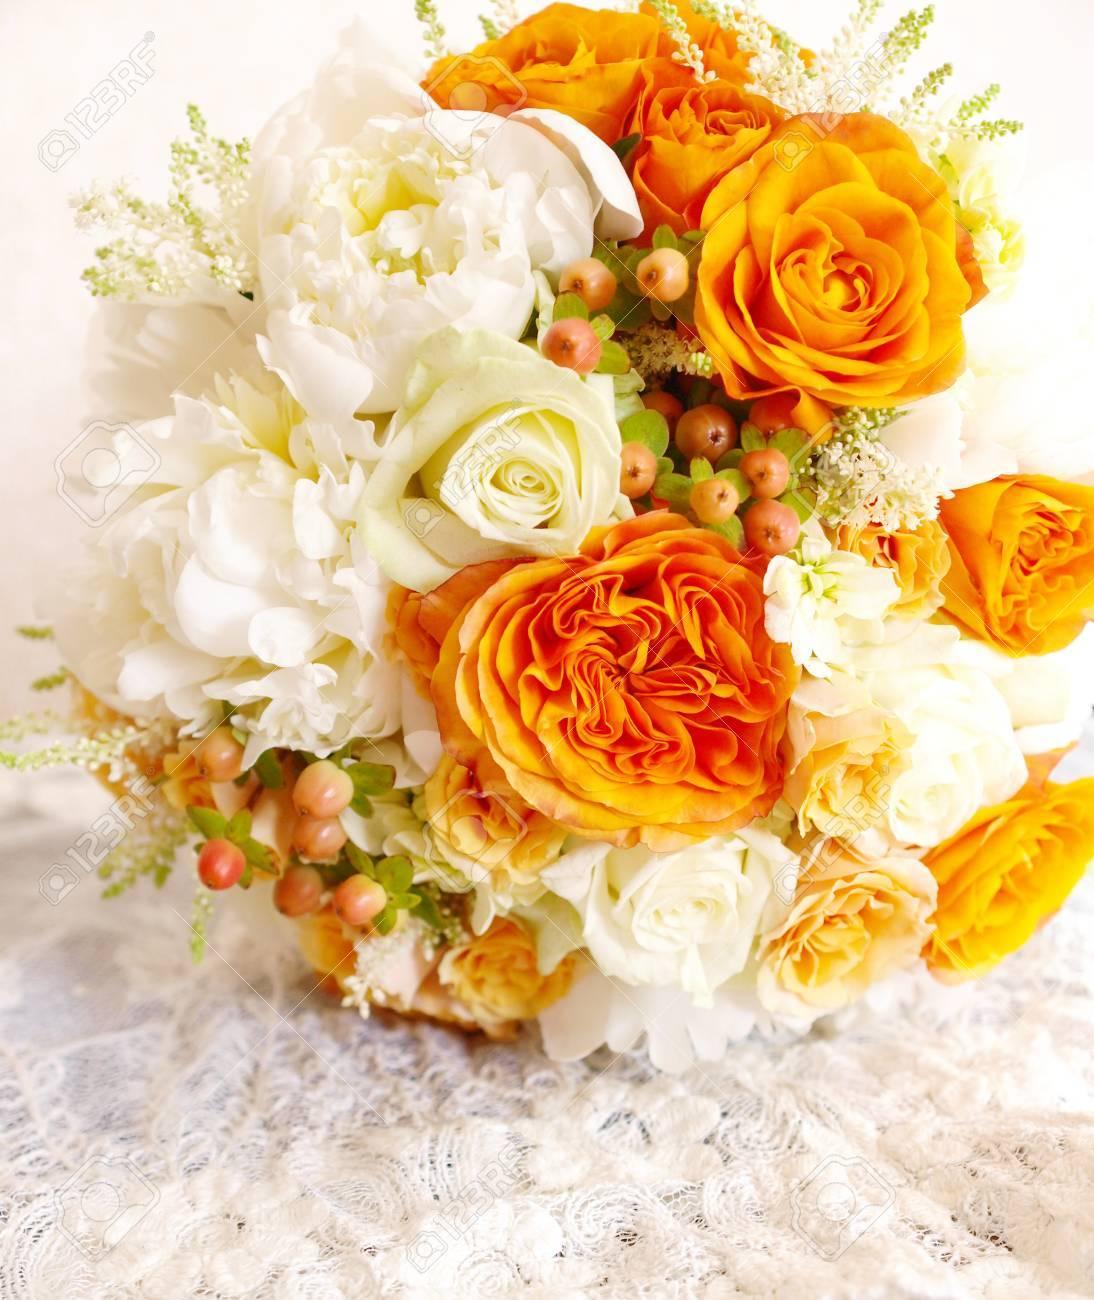 Vintage orange ivory white wedding bouquet on lace background stock stock photo vintage orange ivory white wedding bouquet on lace background mightylinksfo